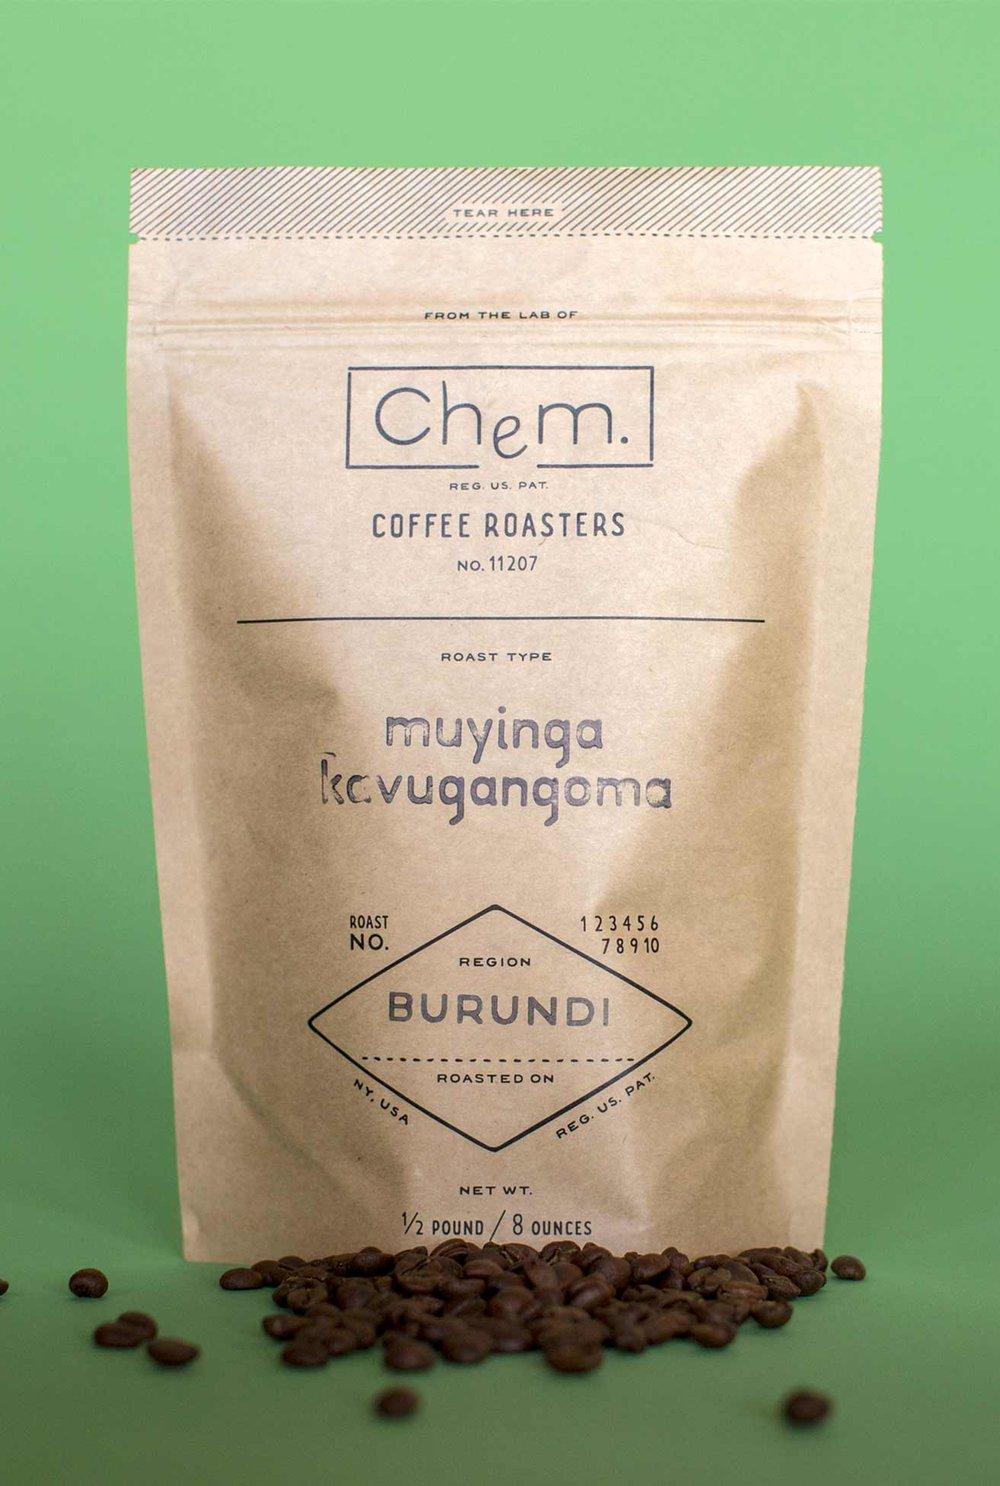 chemcoffee-vert_burundi-bag.jpg